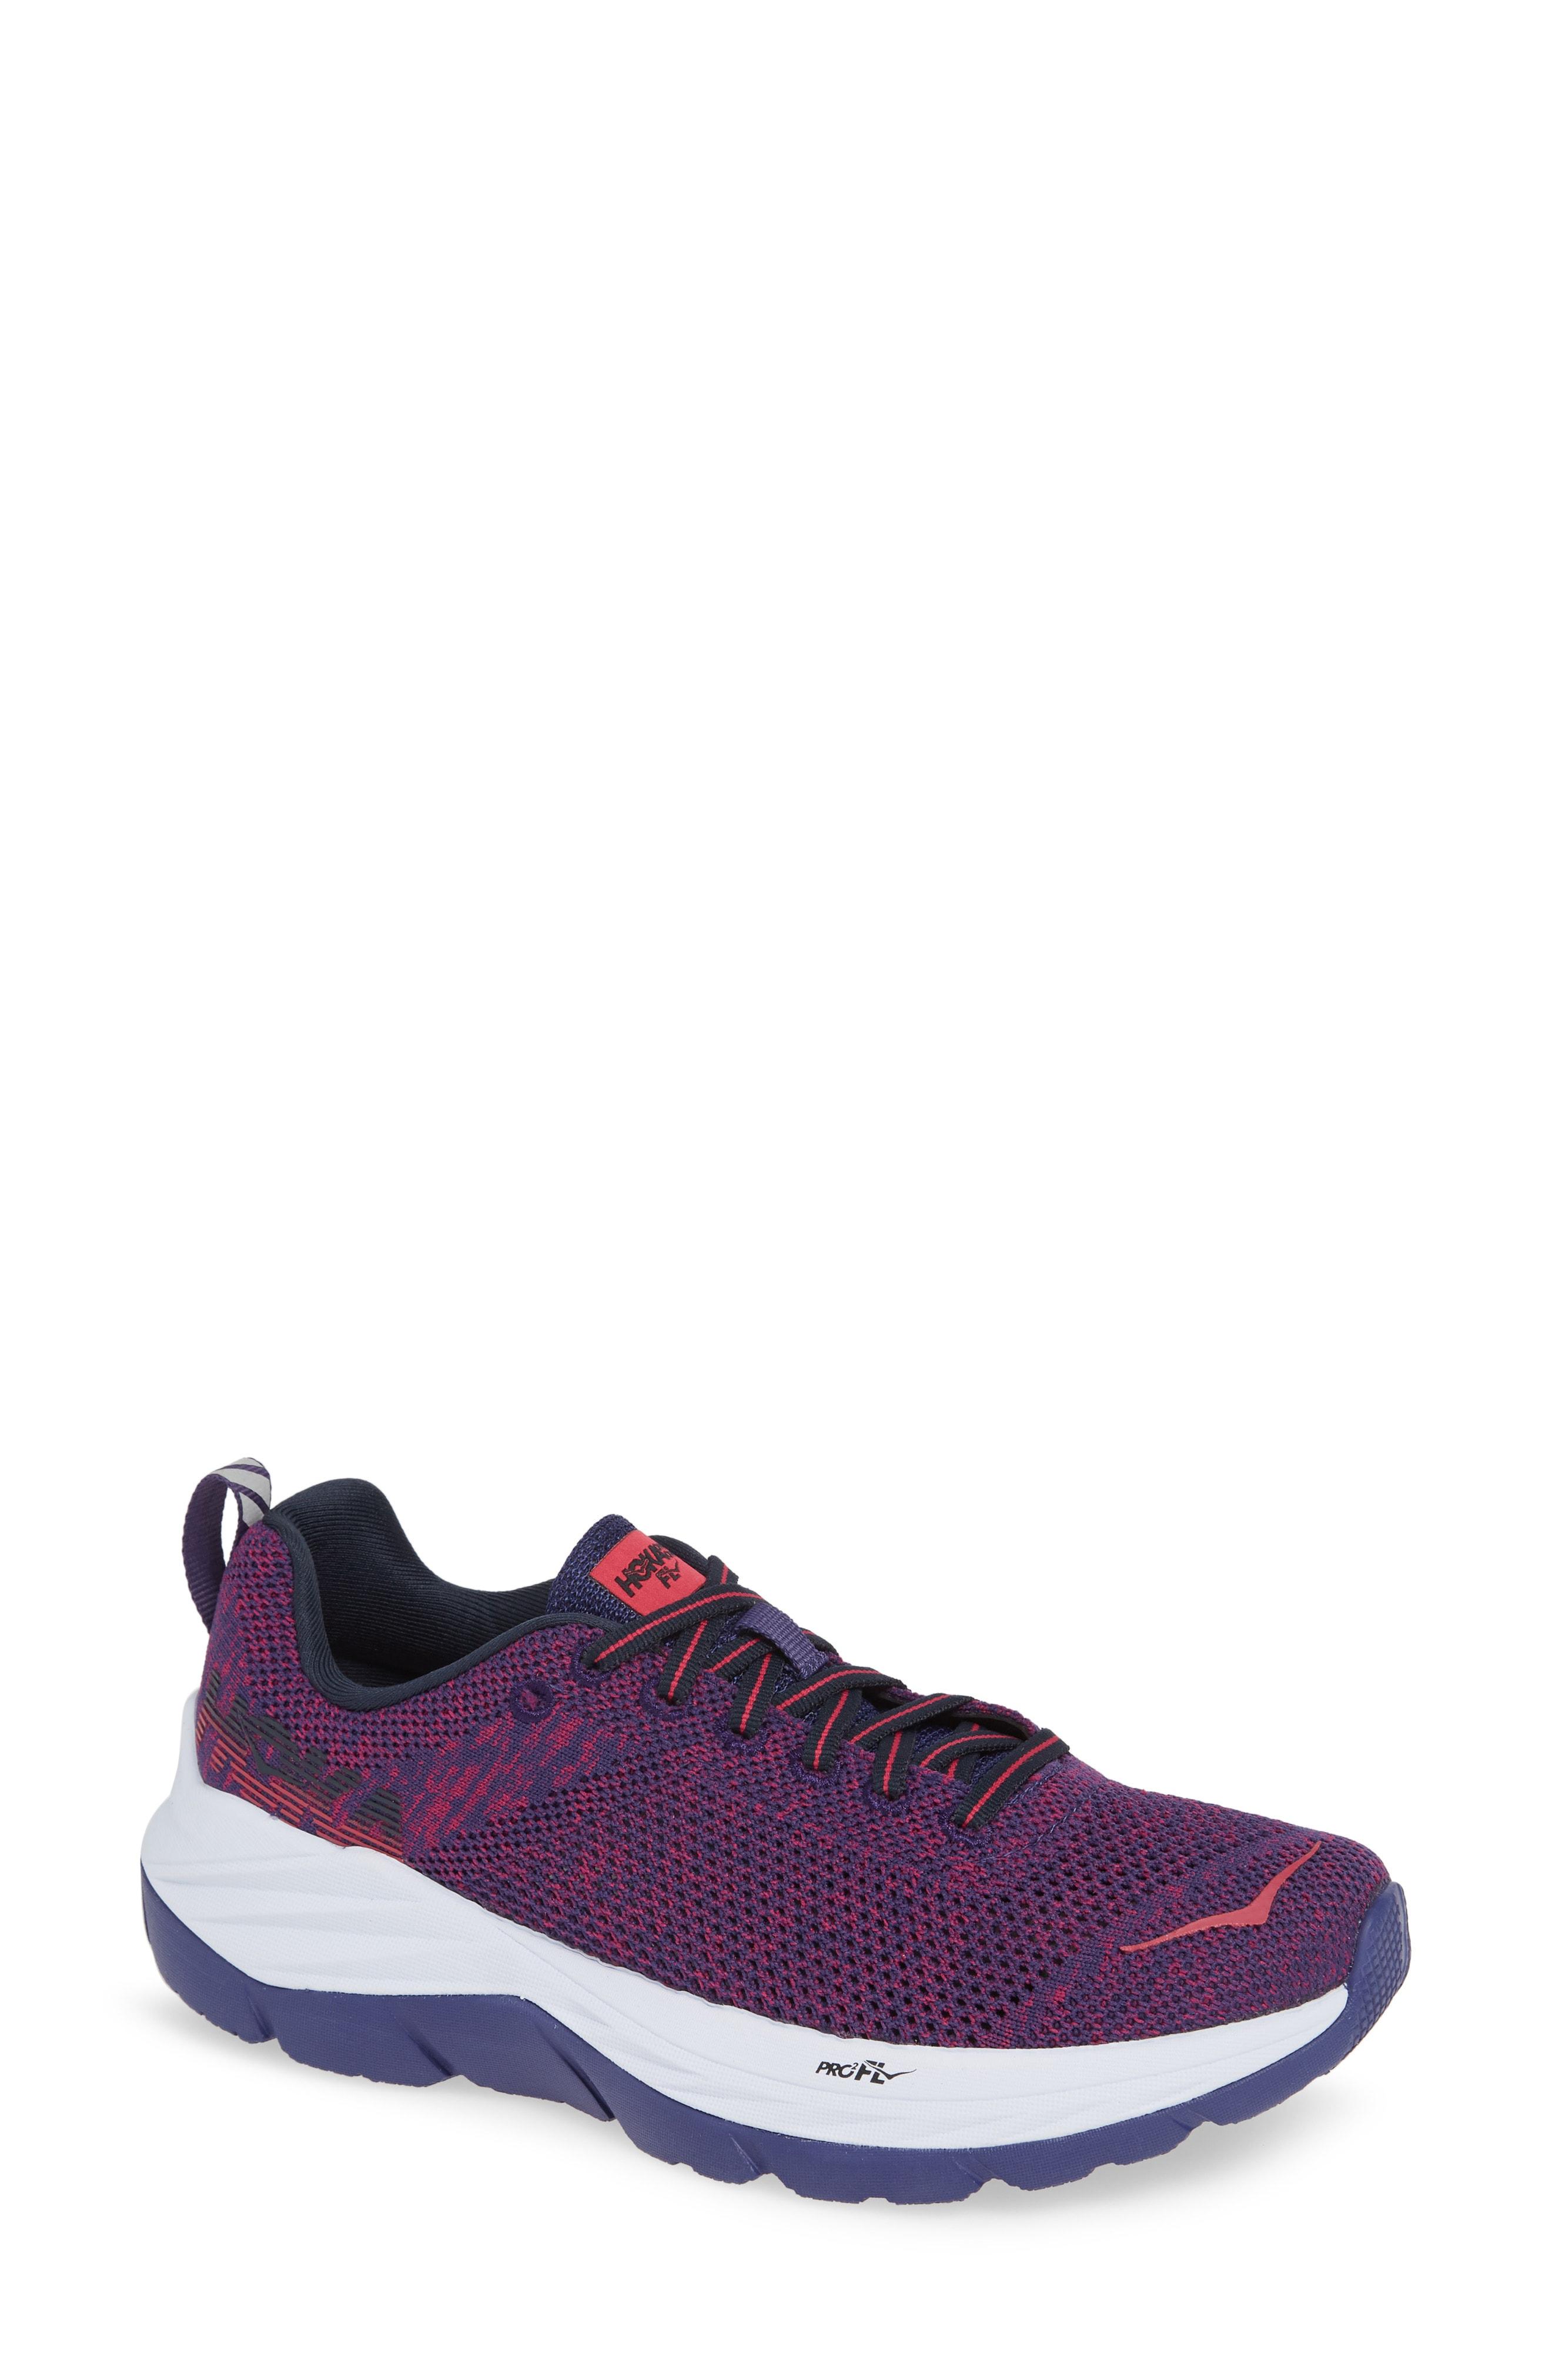 HOKA ONE ONE Mach Running Shoe (Women)